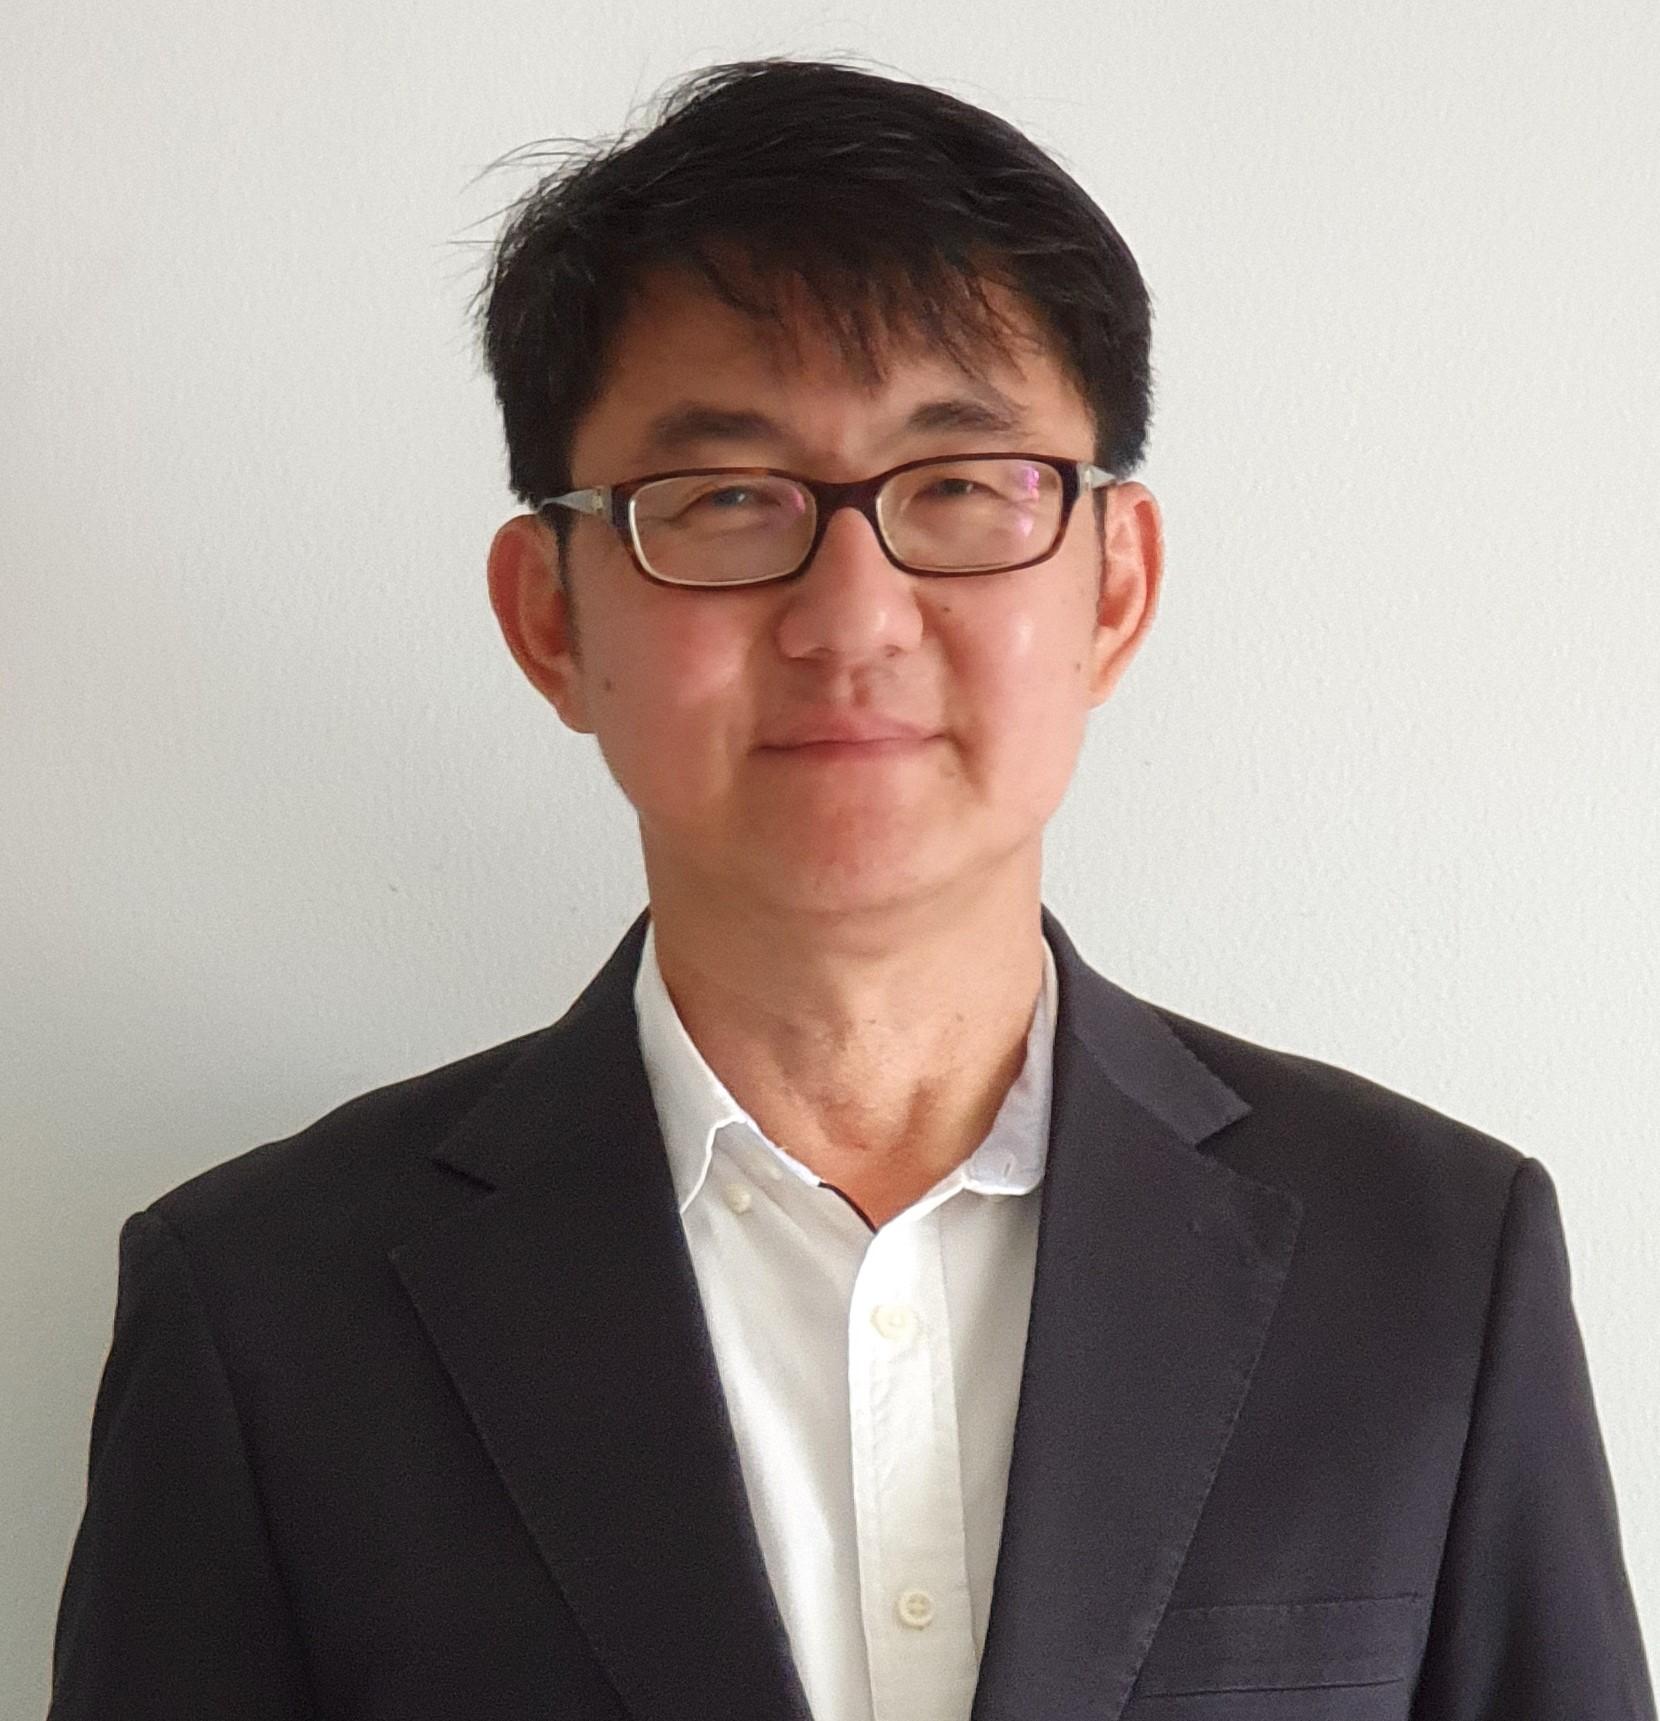 Lee Geok Hwee